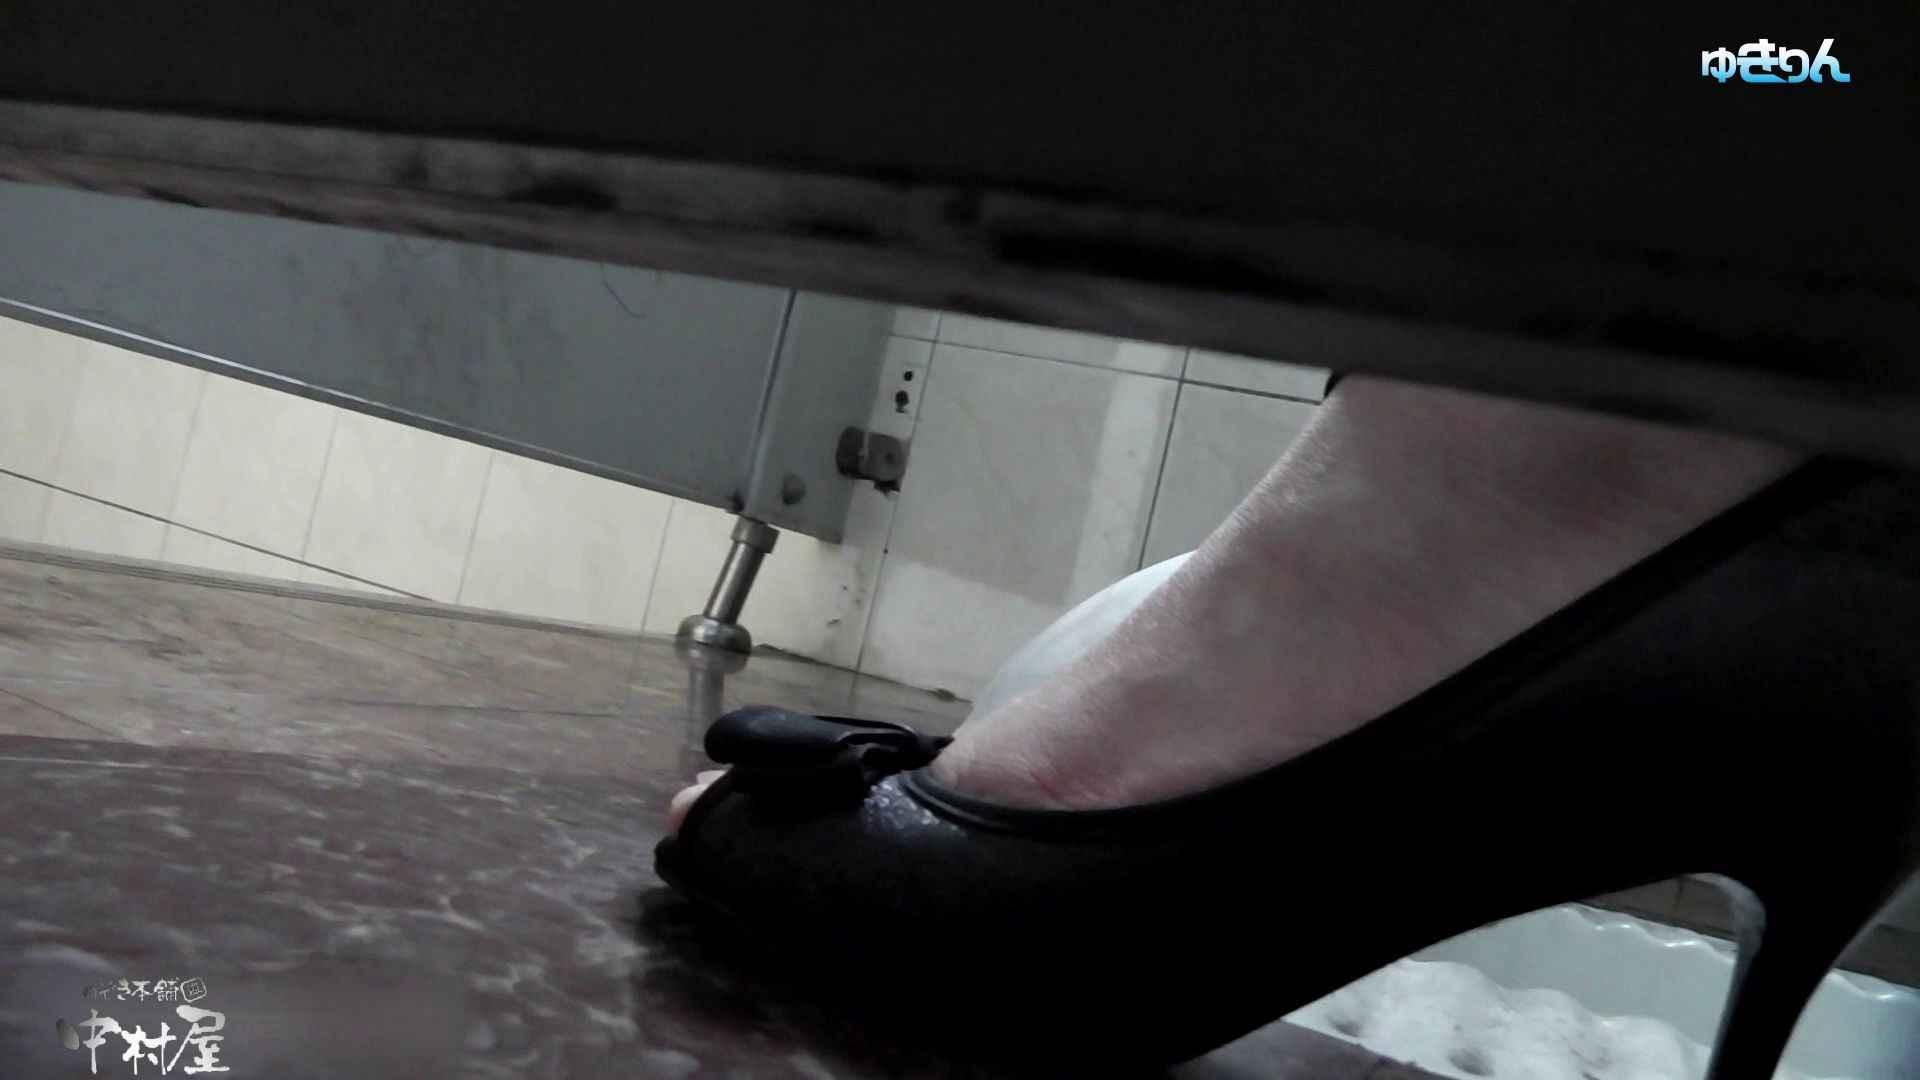 世界の射窓から~ステーション編 vol60 ユキリン粘着撮り!!今回はタイトなパンツが似合う美女 0 | 0  82pic 77